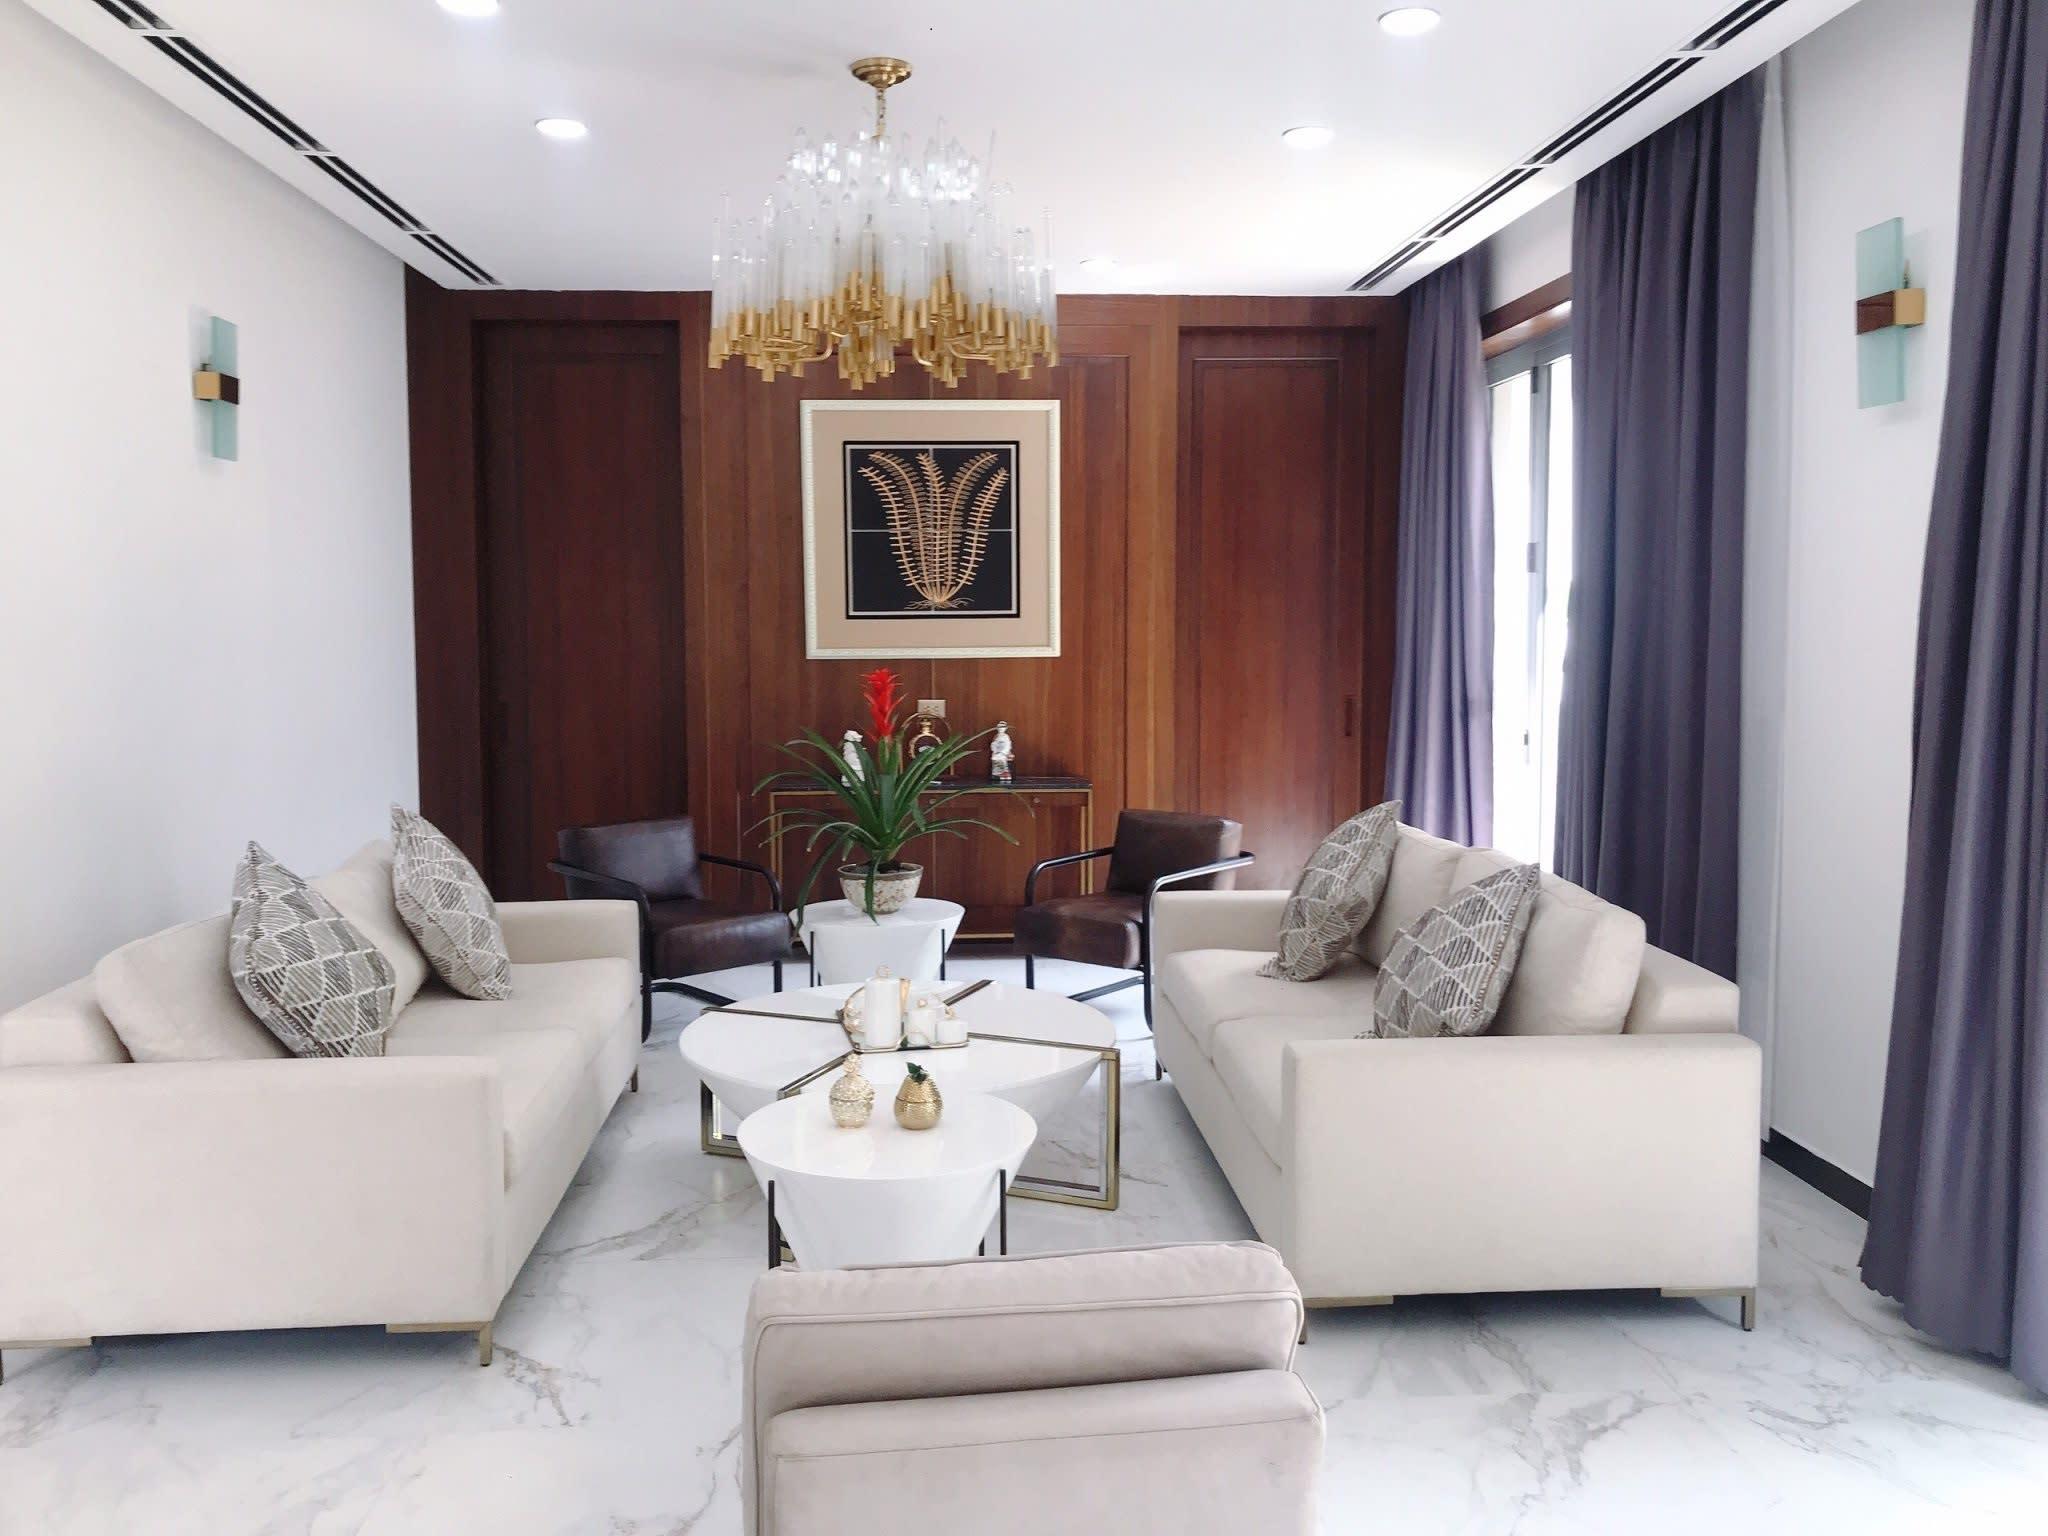 Biệt Thự Khu VIP Trần Trọng Cung, DT 521m2, View Hồ Bơi Và Công Viên Đẳng Cấp. Giá 45 tỷ